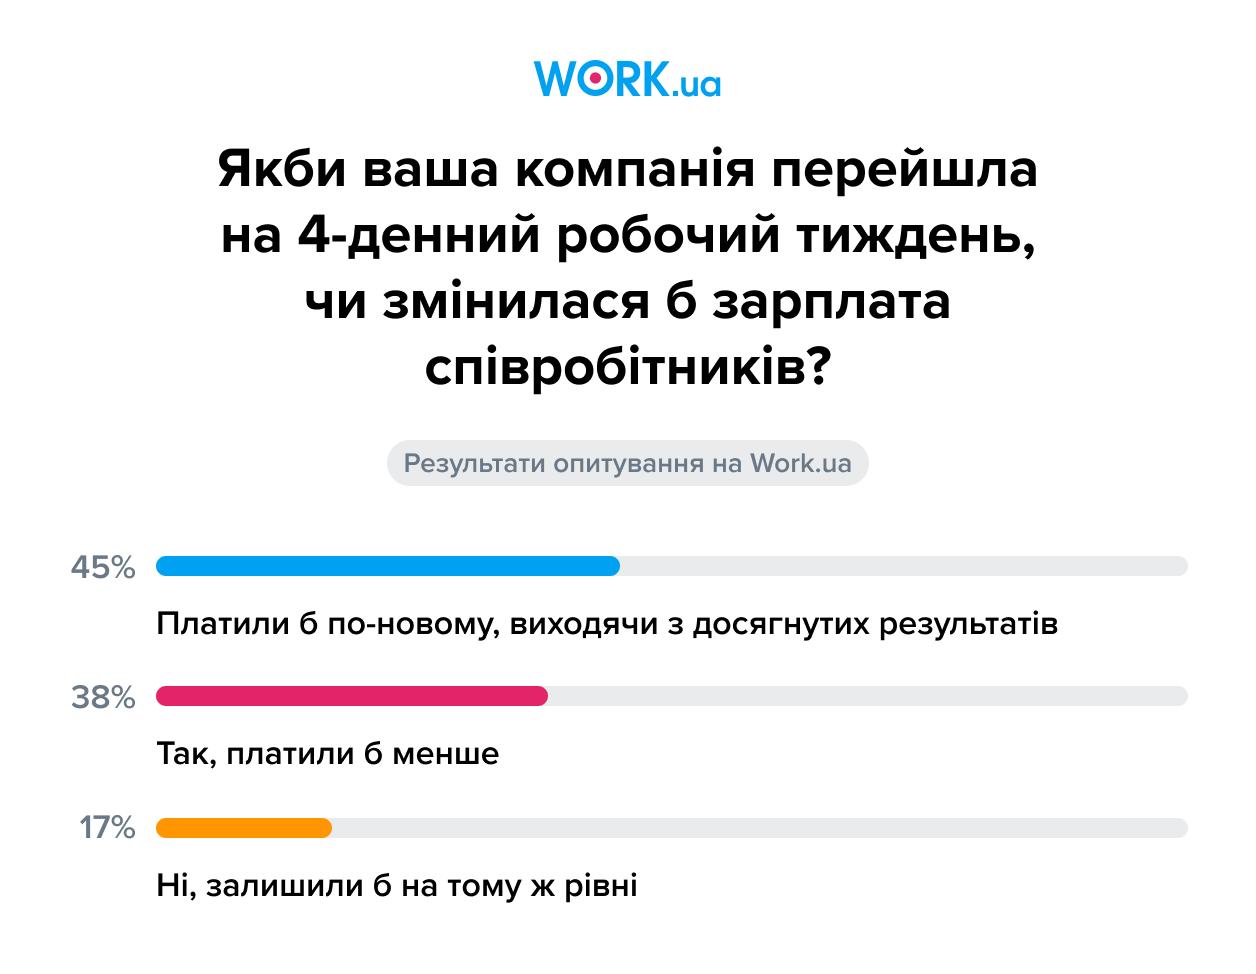 Опитування проводилося у серпні 2021. У ньому взяли участь 998 осіб